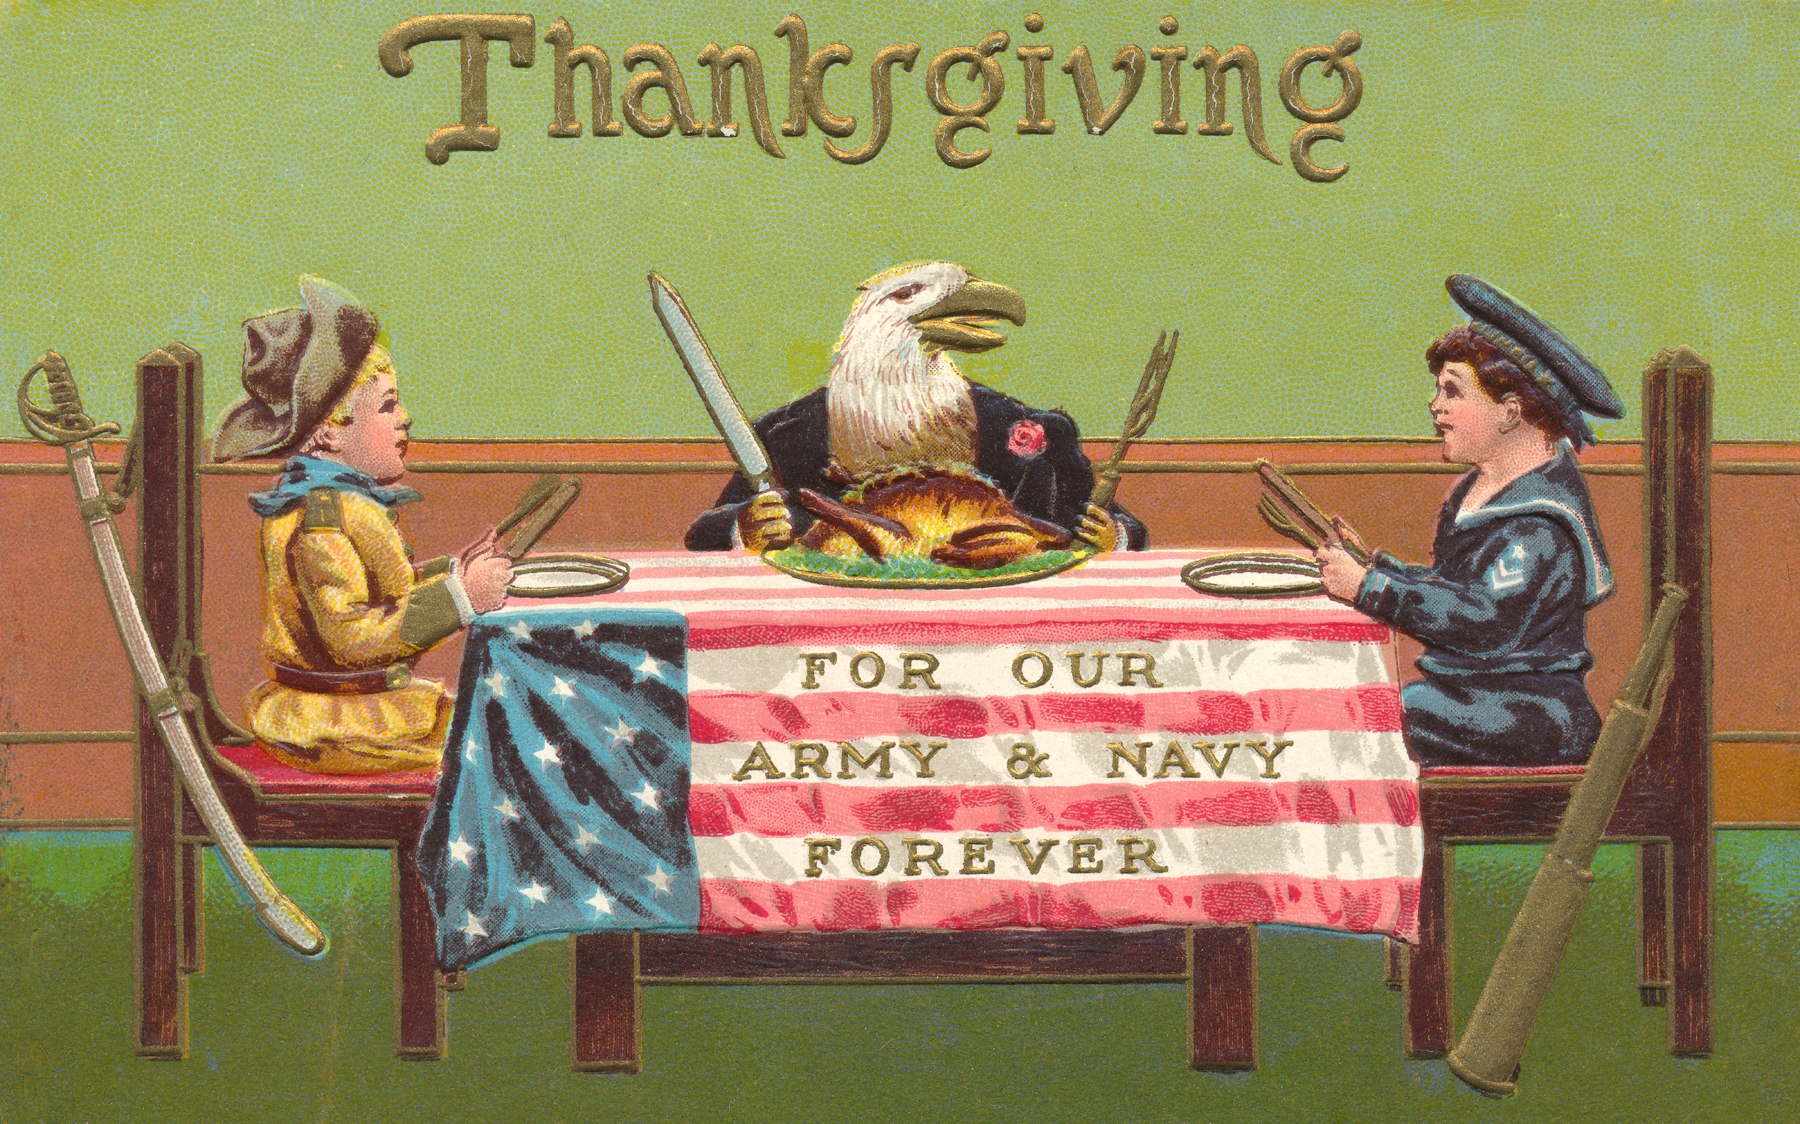 Antique Patriotic Thanksgiving Card, America, Patriotic, Sabre, Saber, HQ Photo